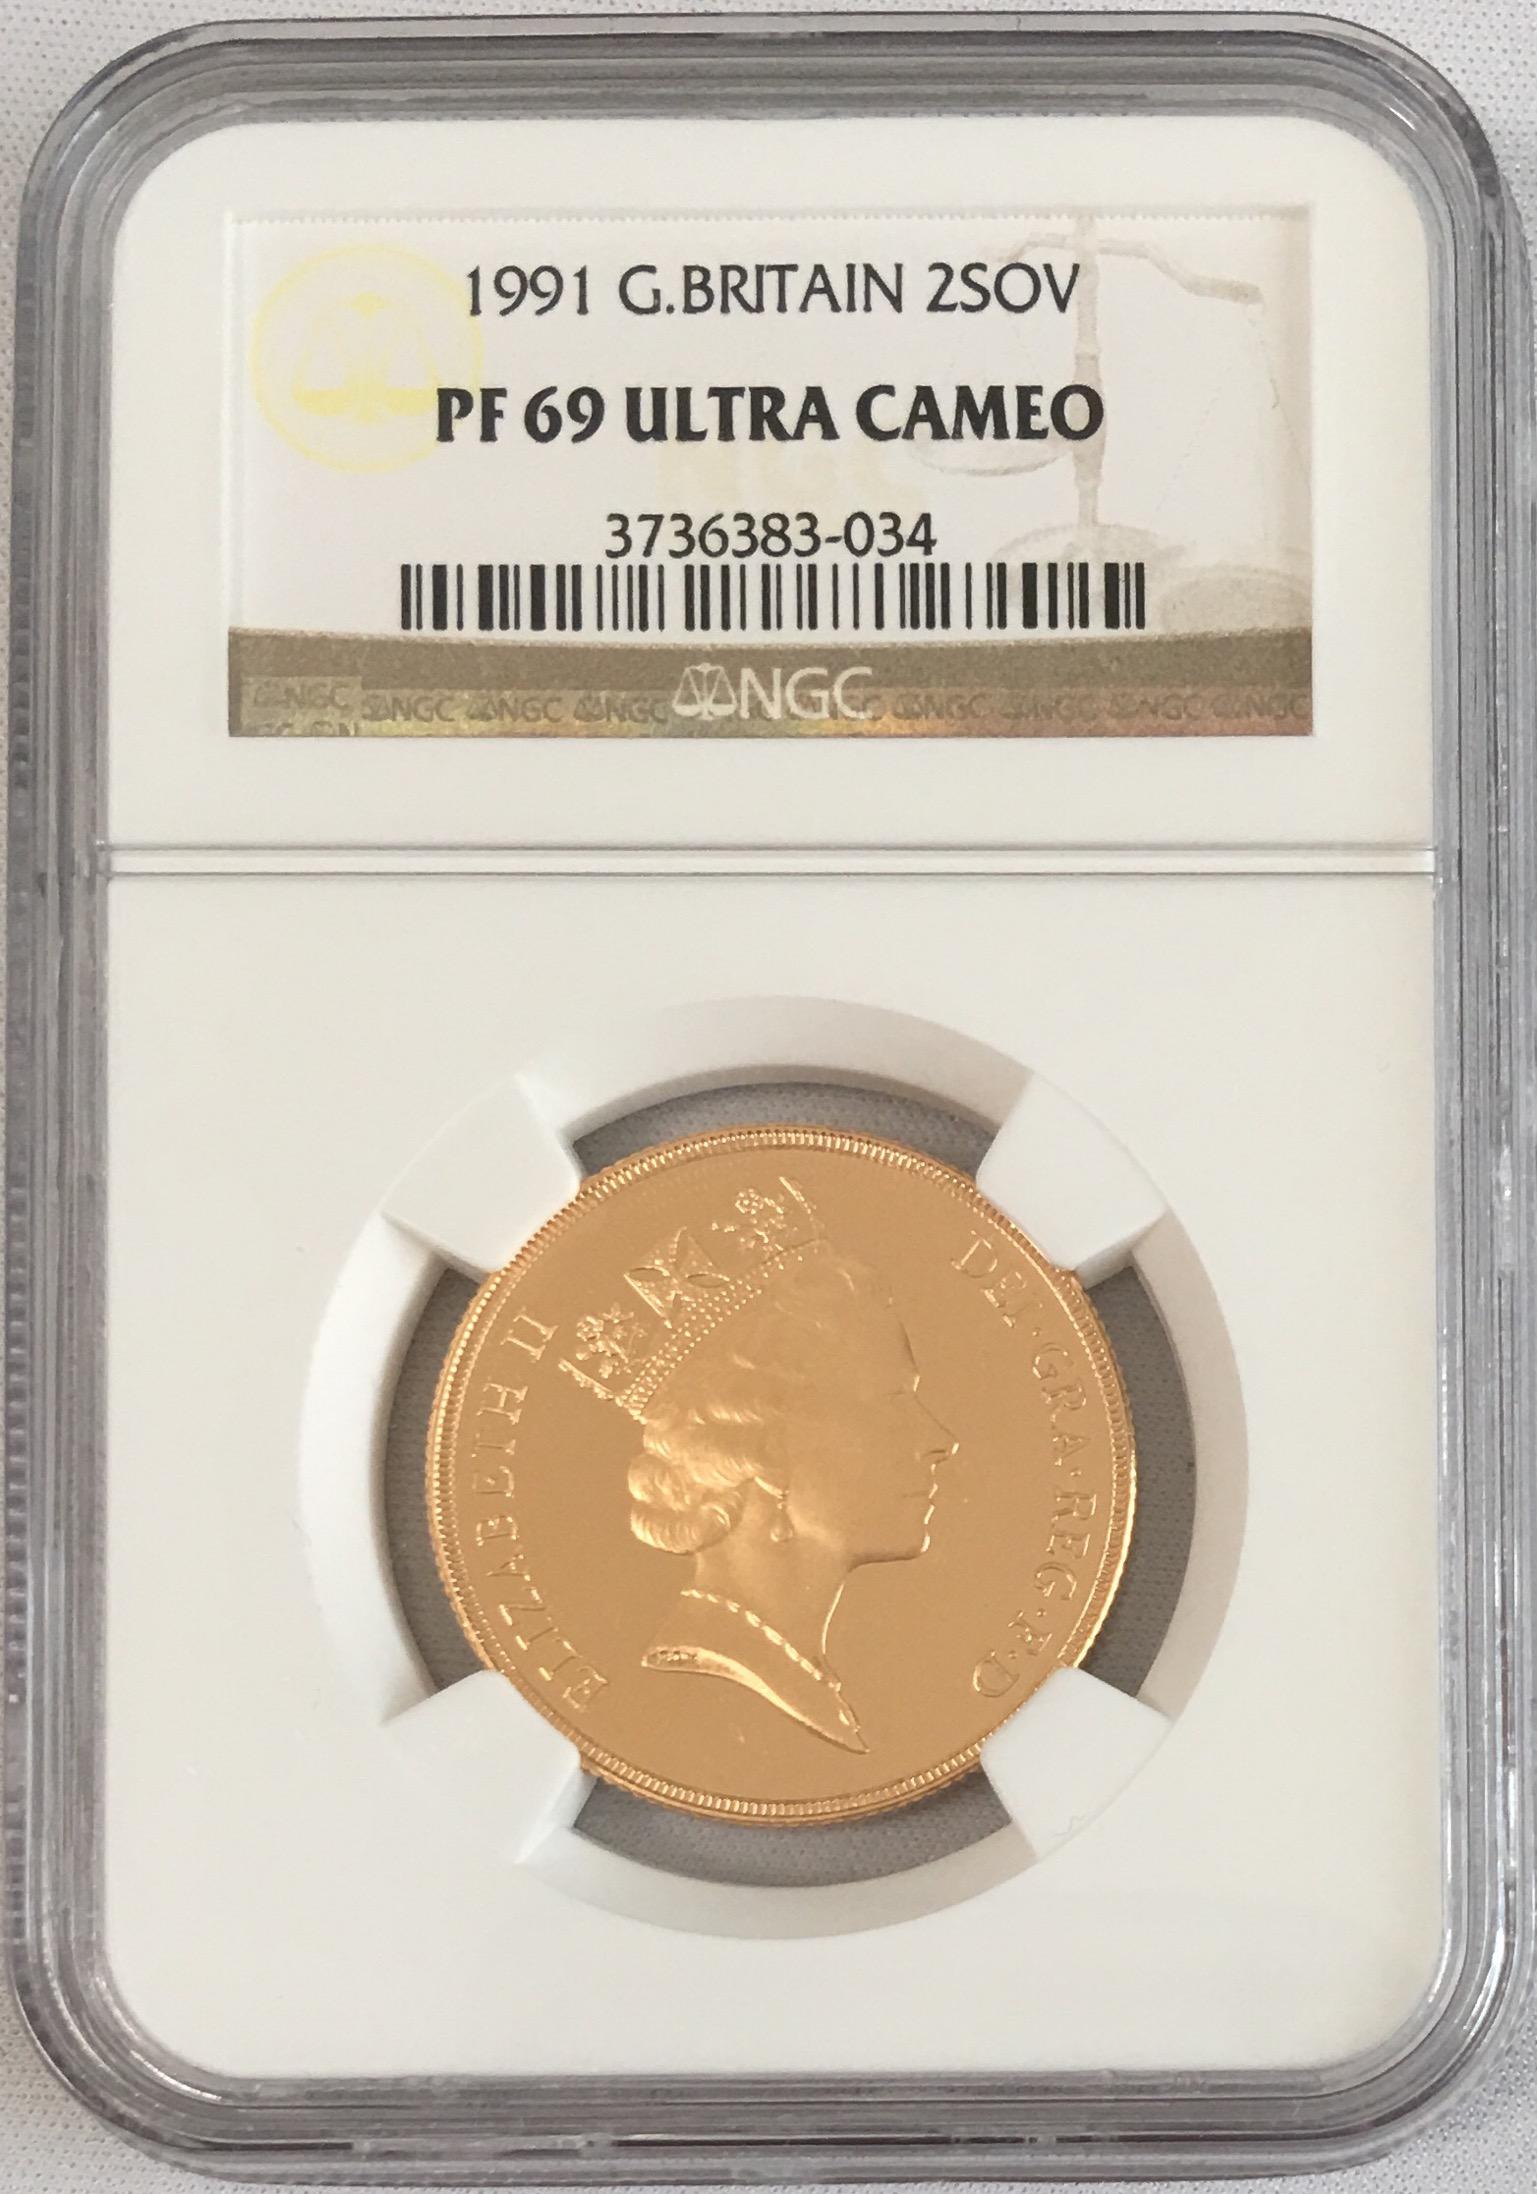 【動画あり】1991グレートブリテン 2ソブリン金貨PF69 UCAM NGC